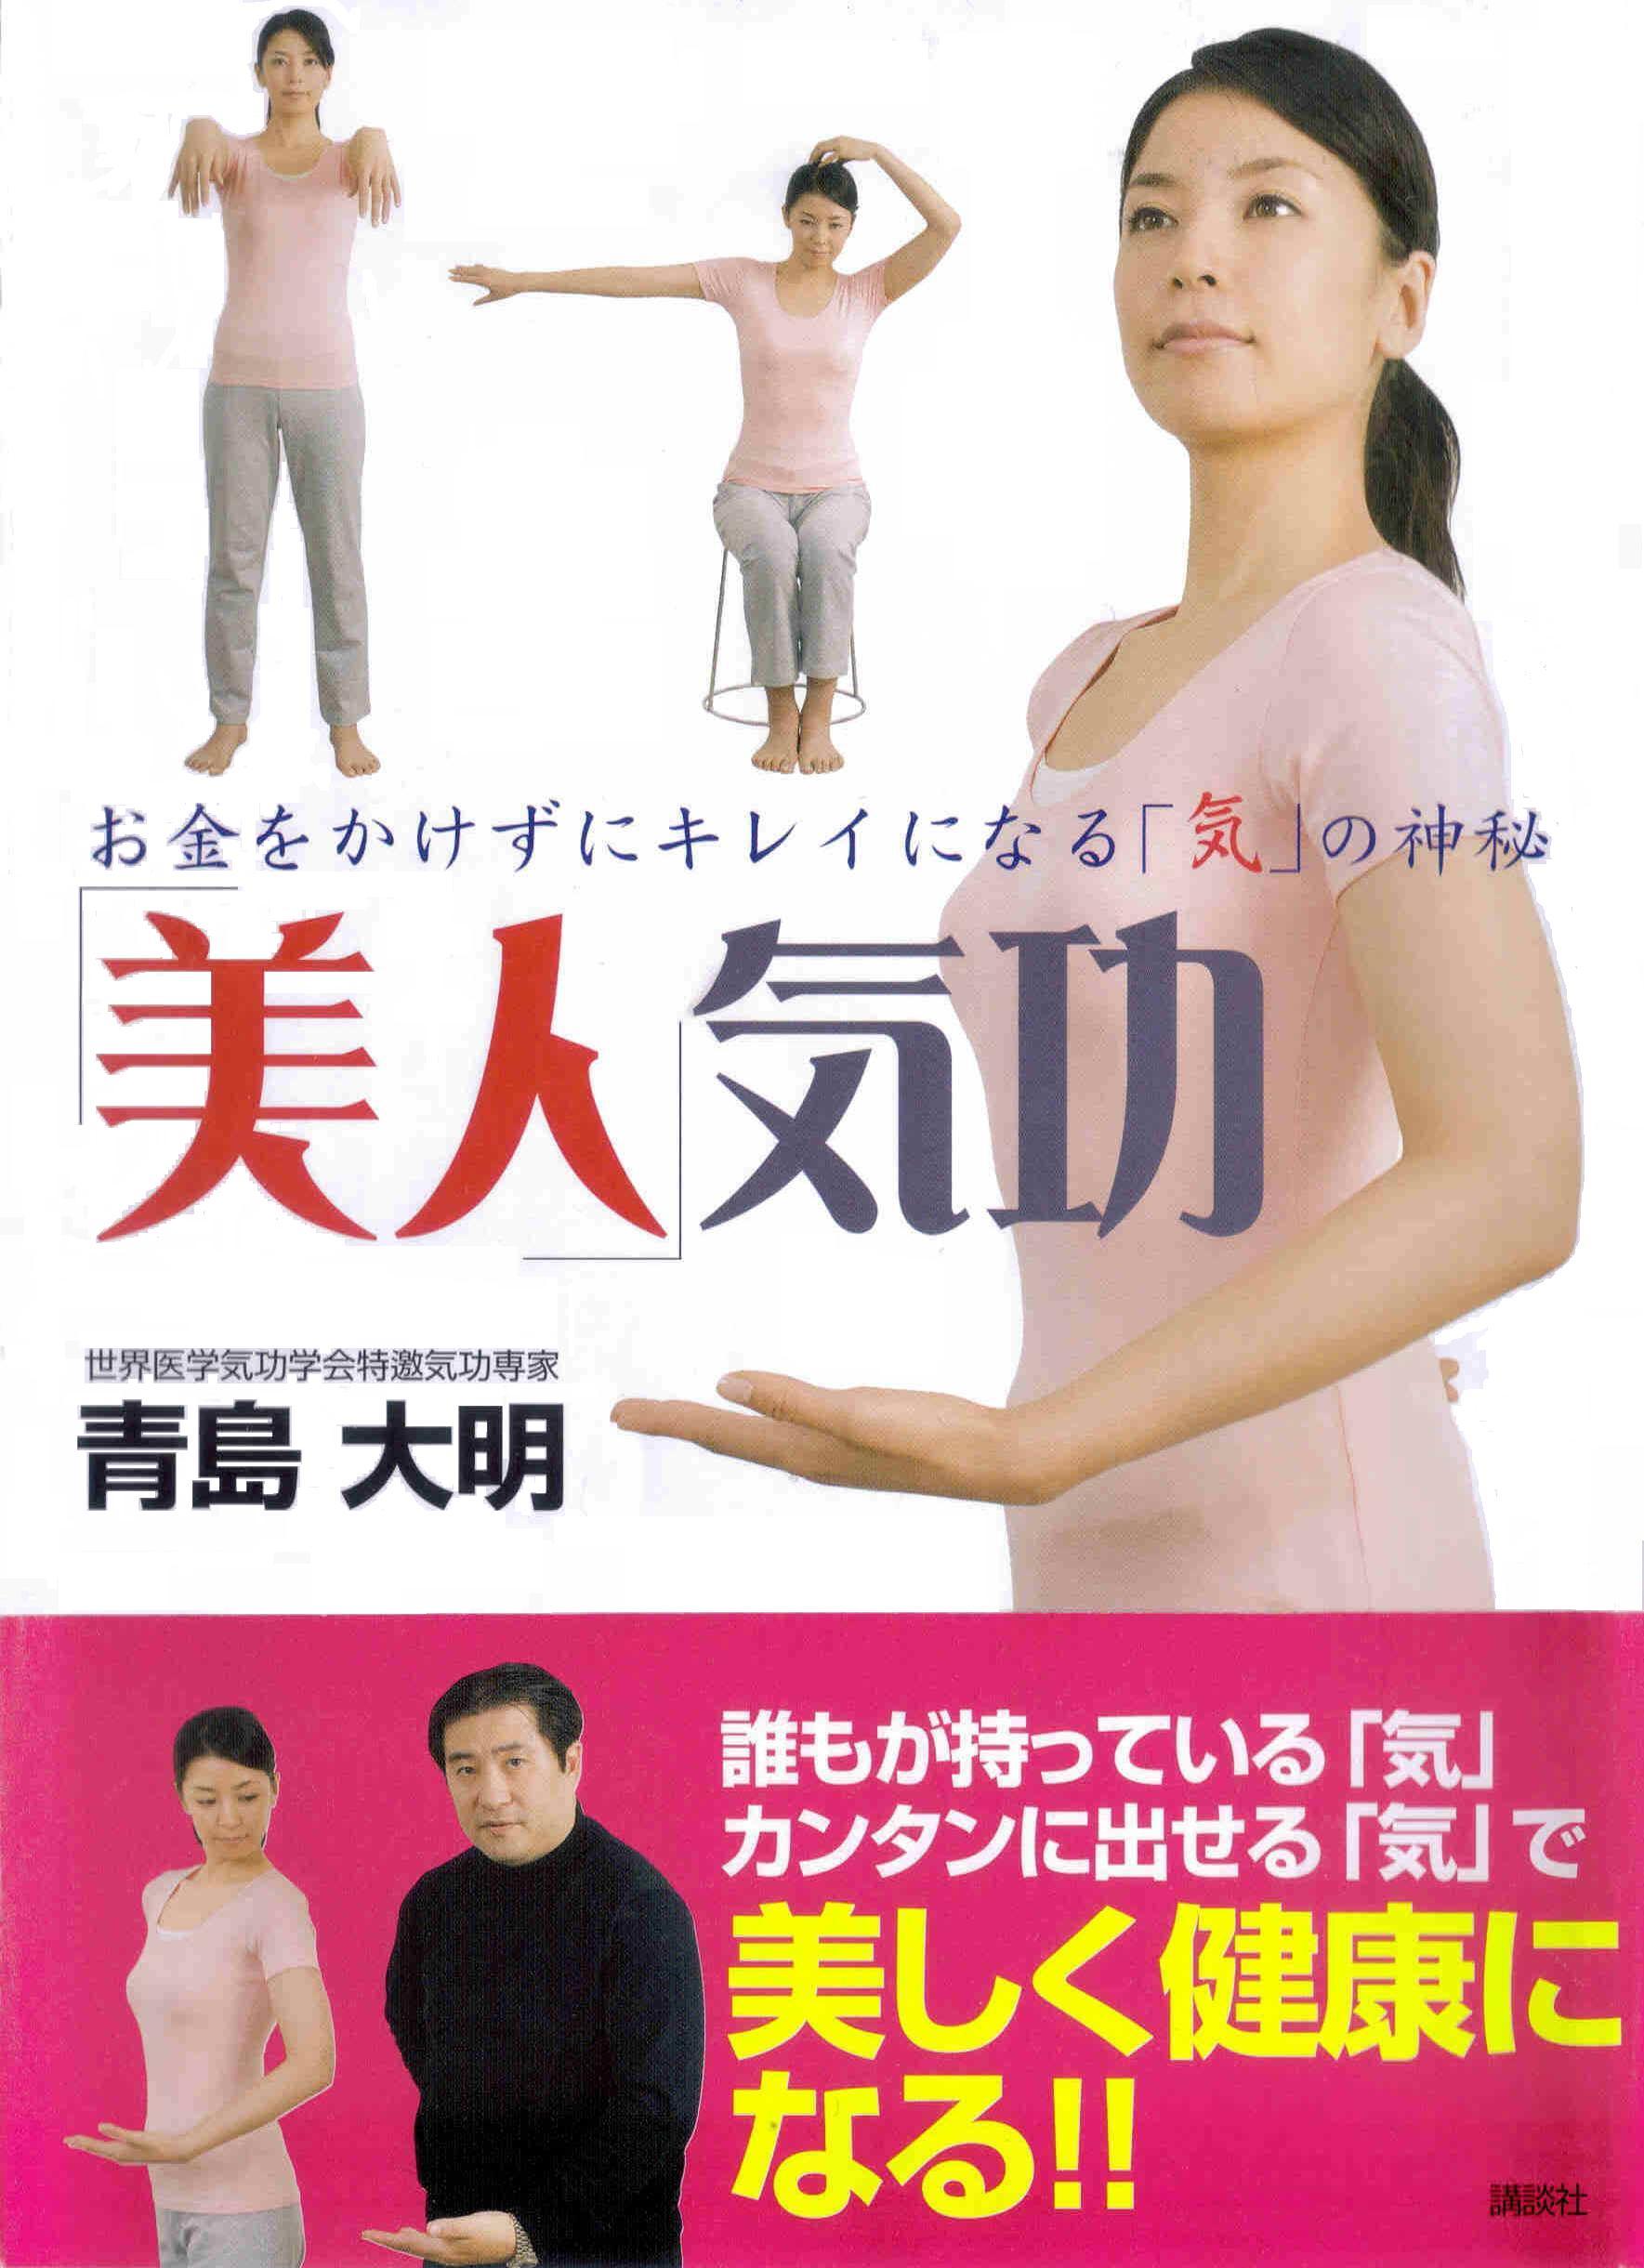 青島大明著『「美人」気功』 気功関連著書